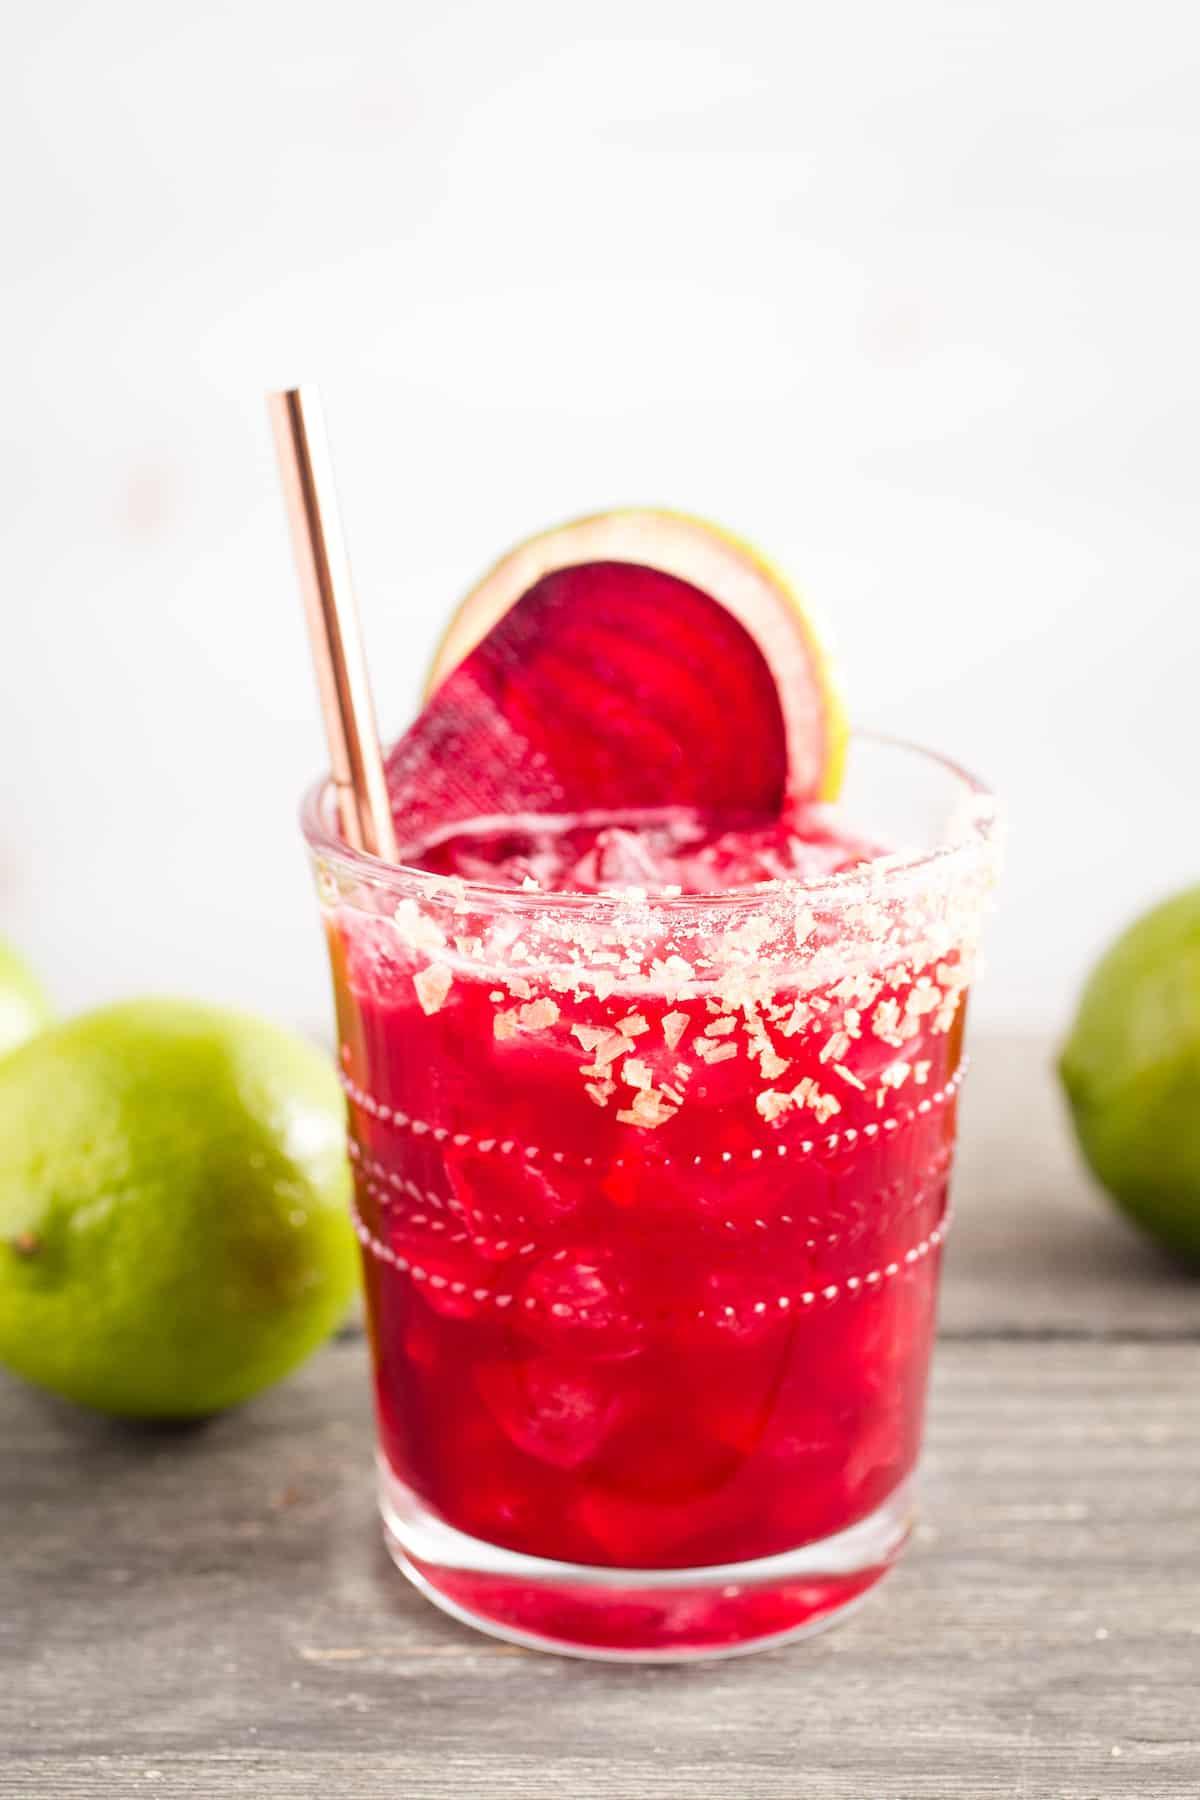 Mezcal Beet Margarita: The Red Alert!